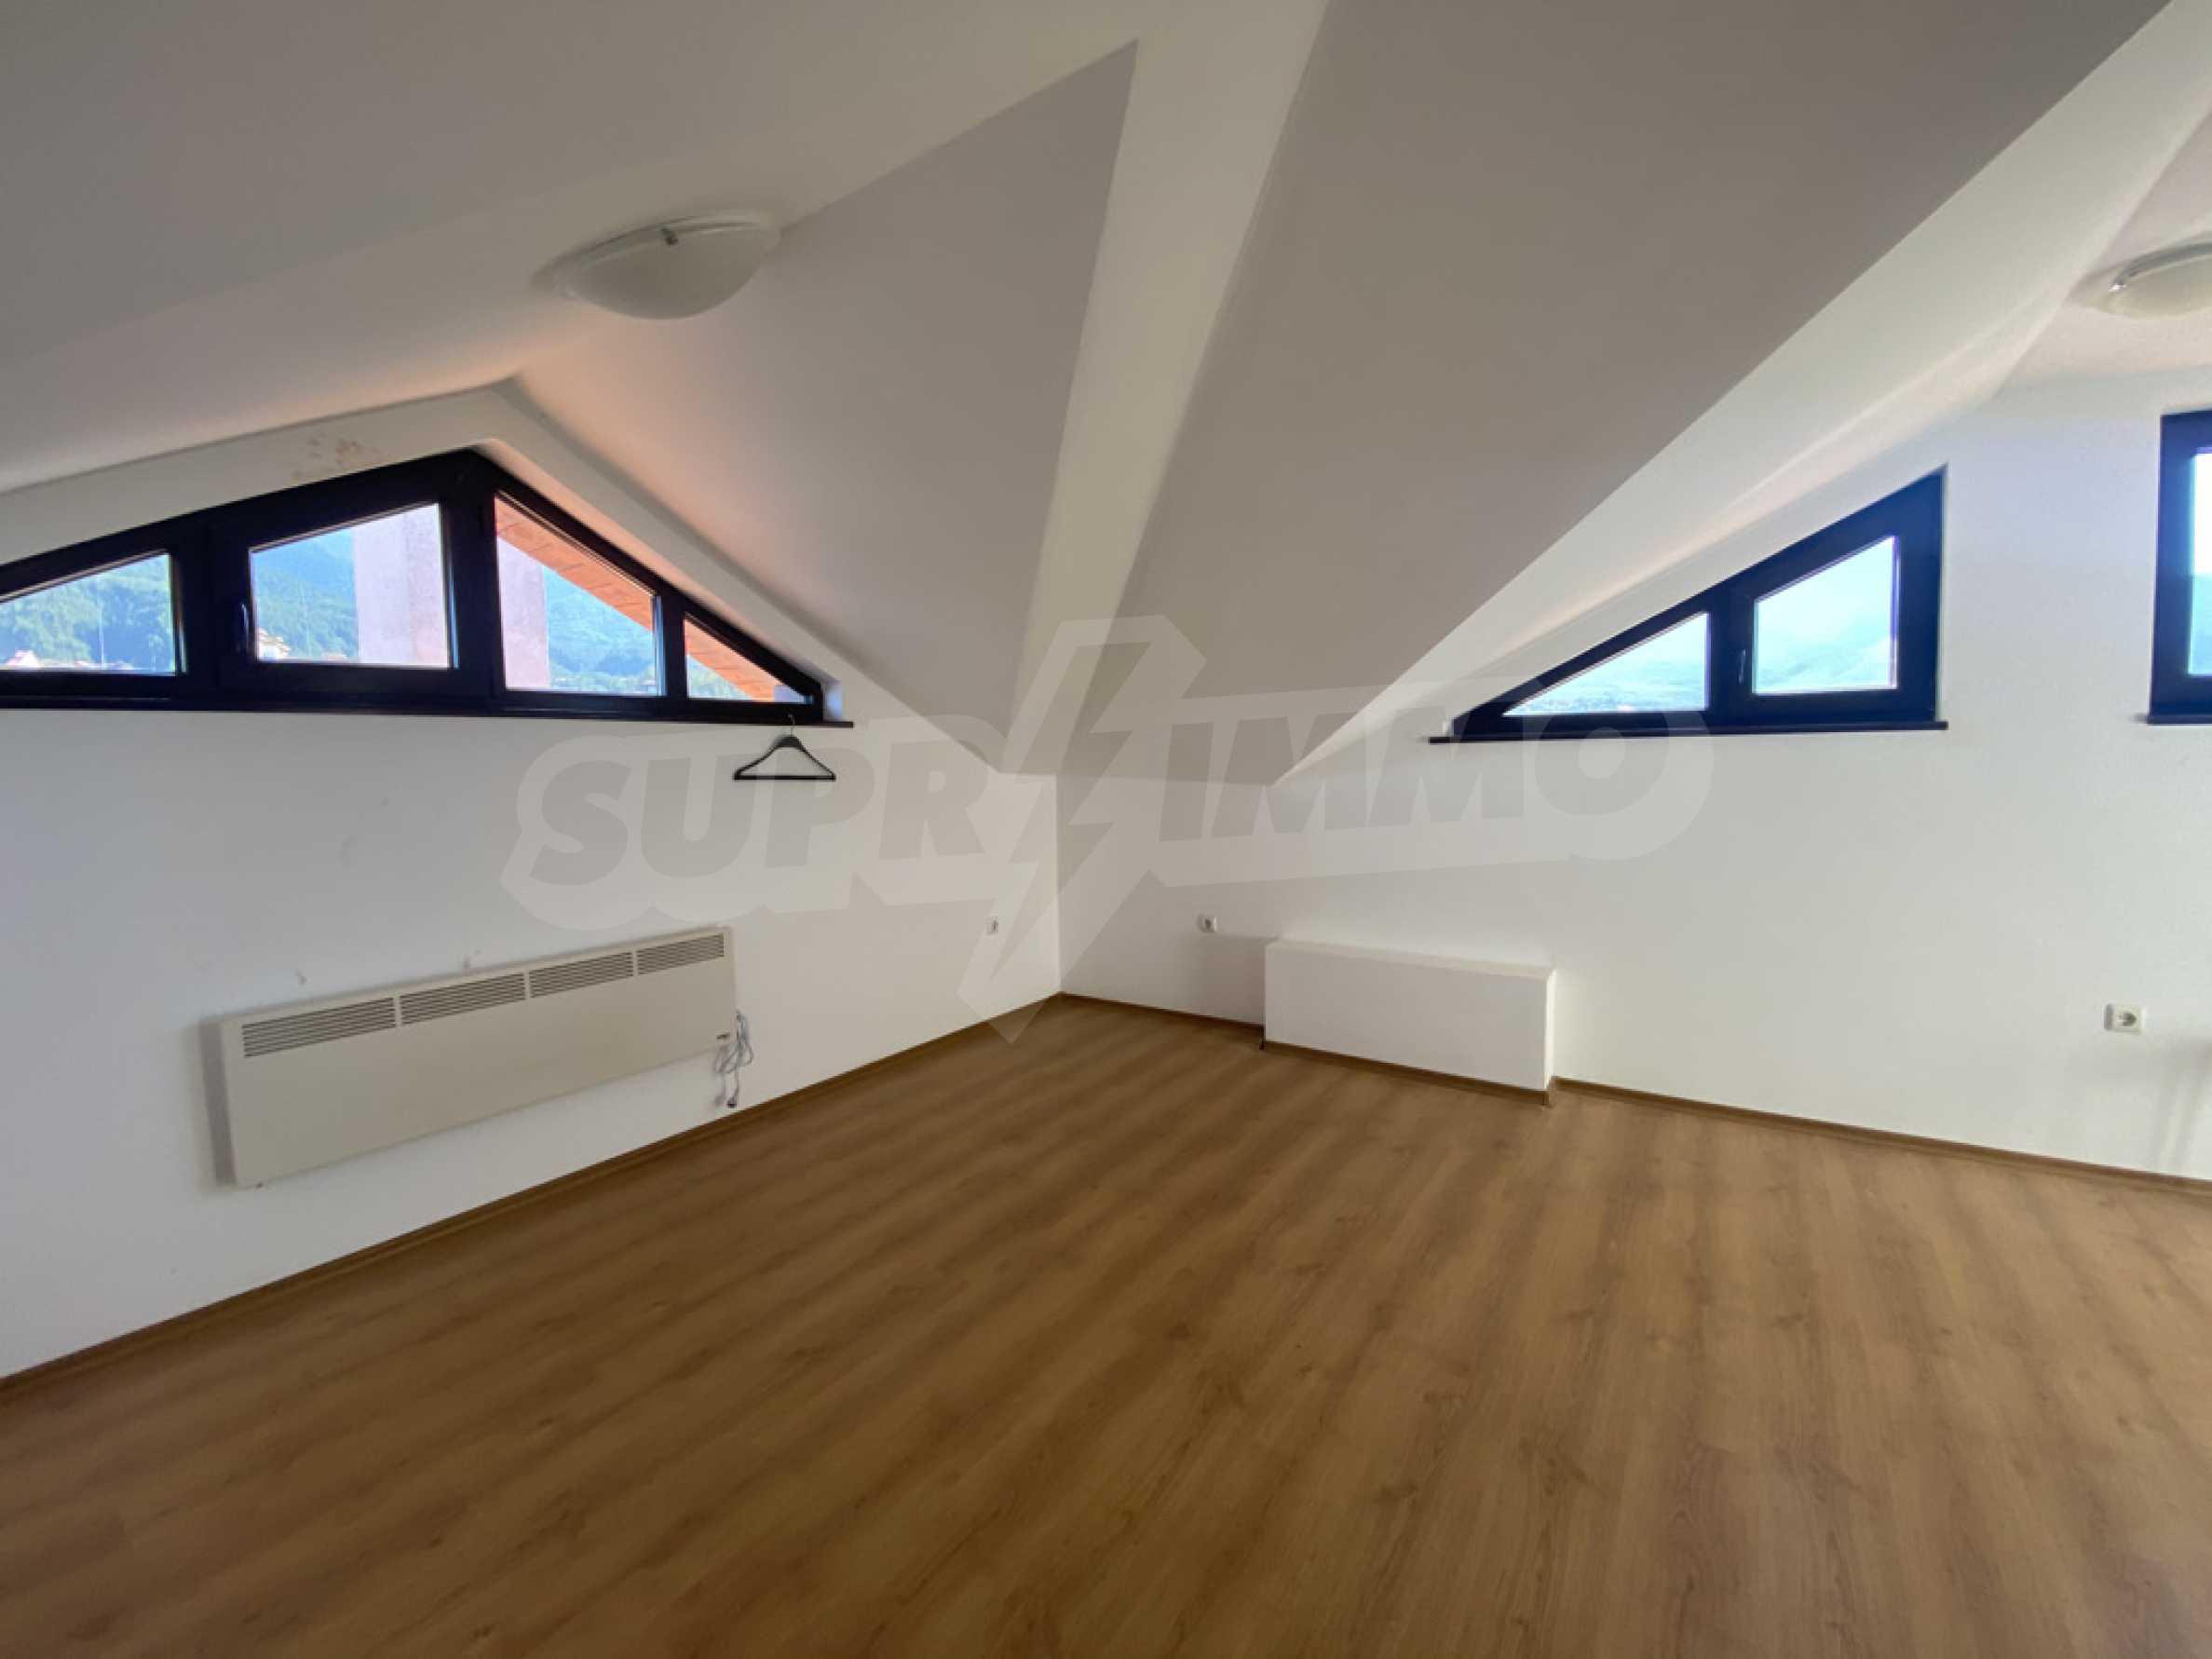 Необзаведен едностаен апартамент за продажба в СПА комплекс в Банско 1